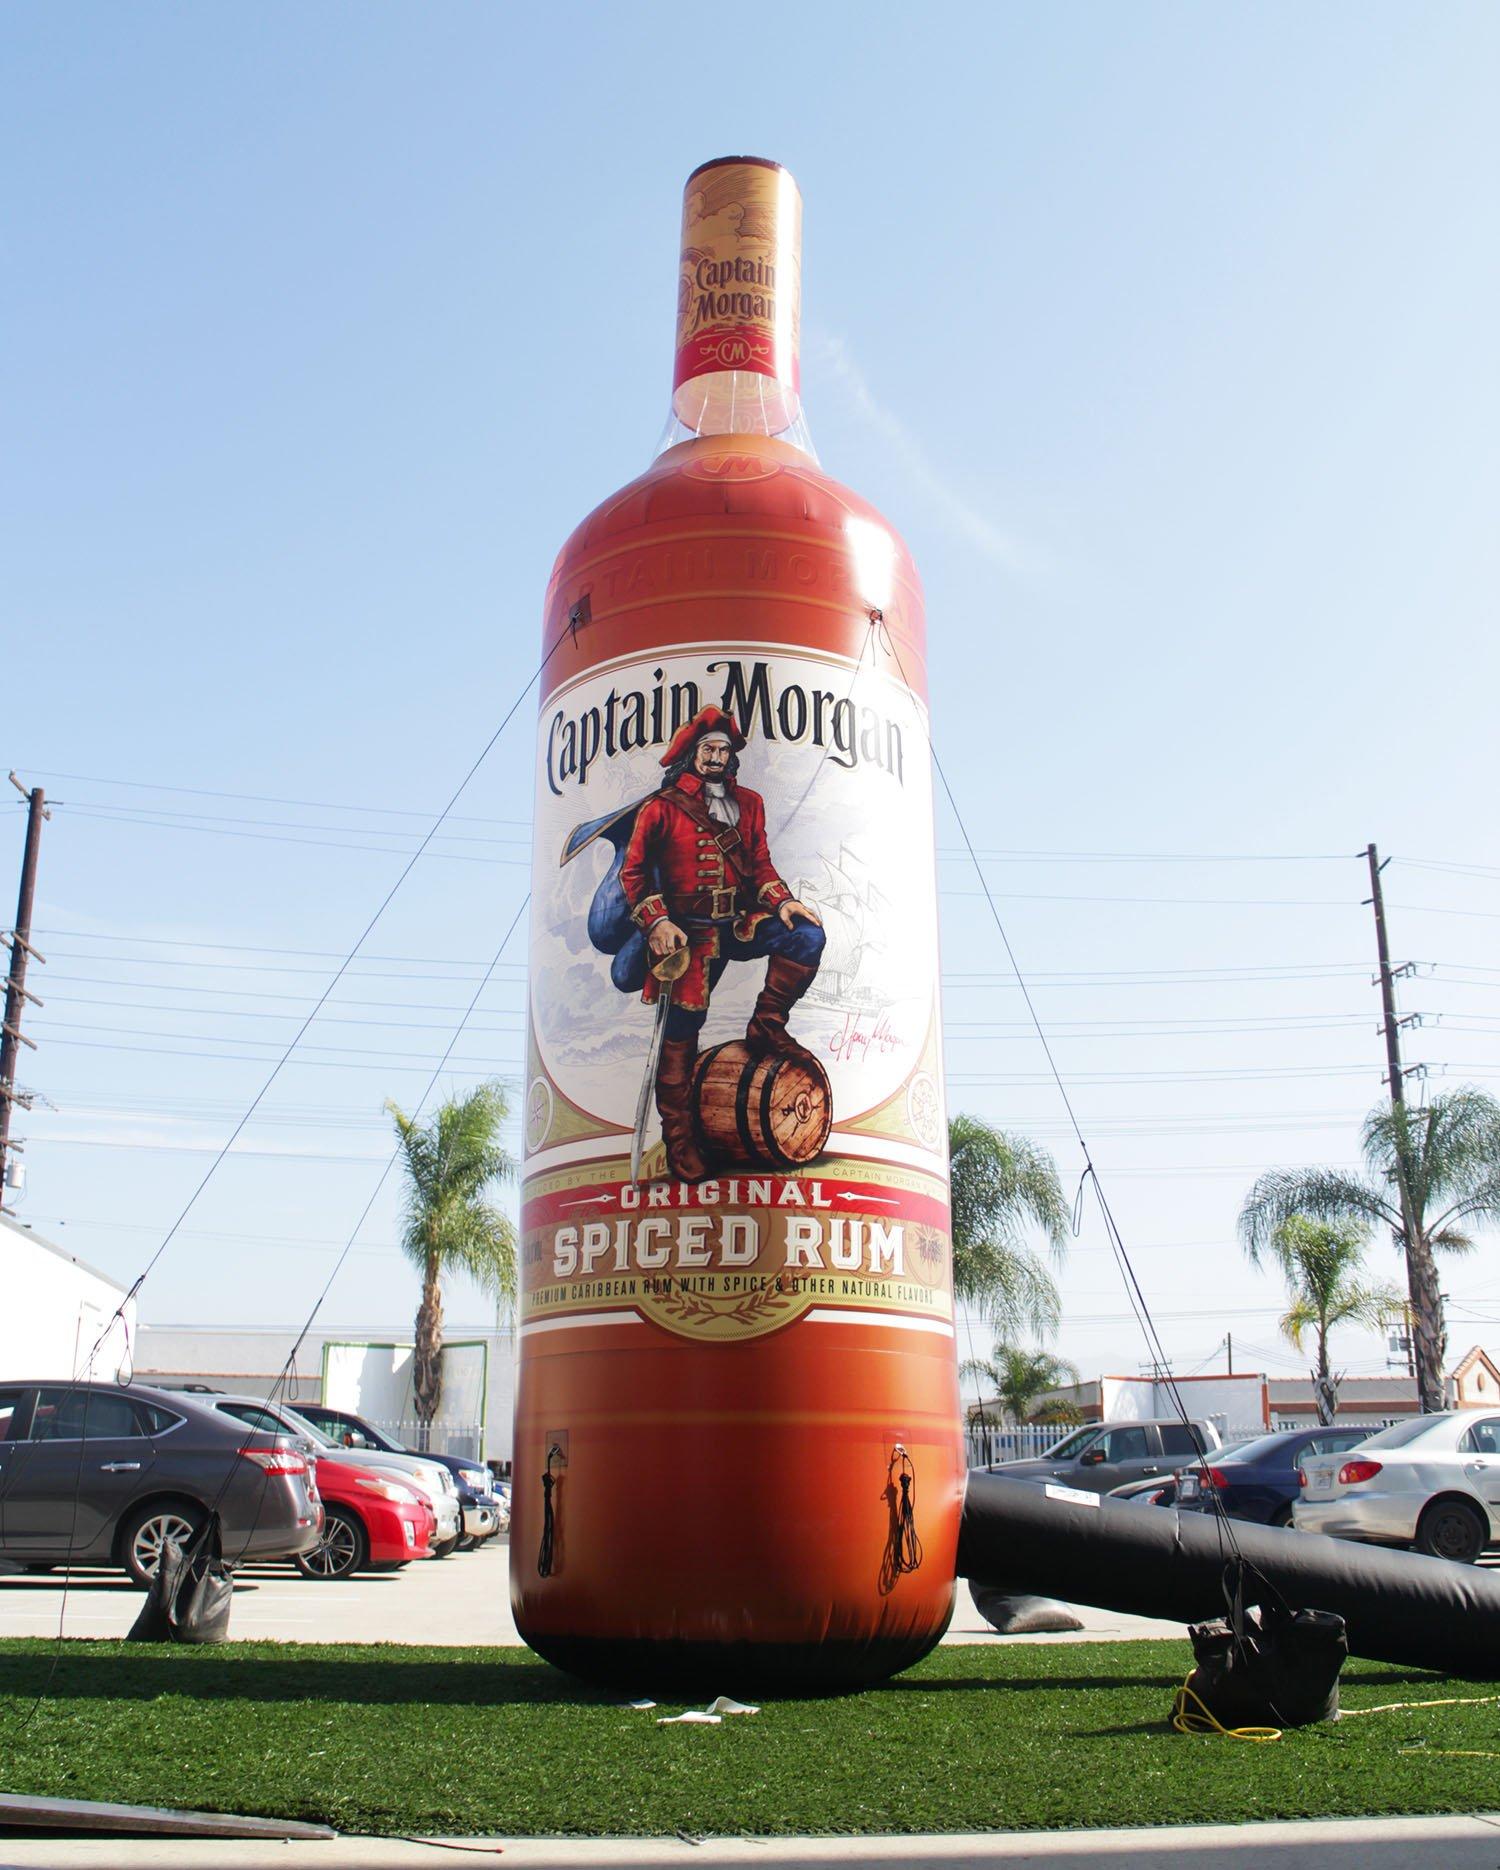 captain-morgan-rum-bottle-happy-juice